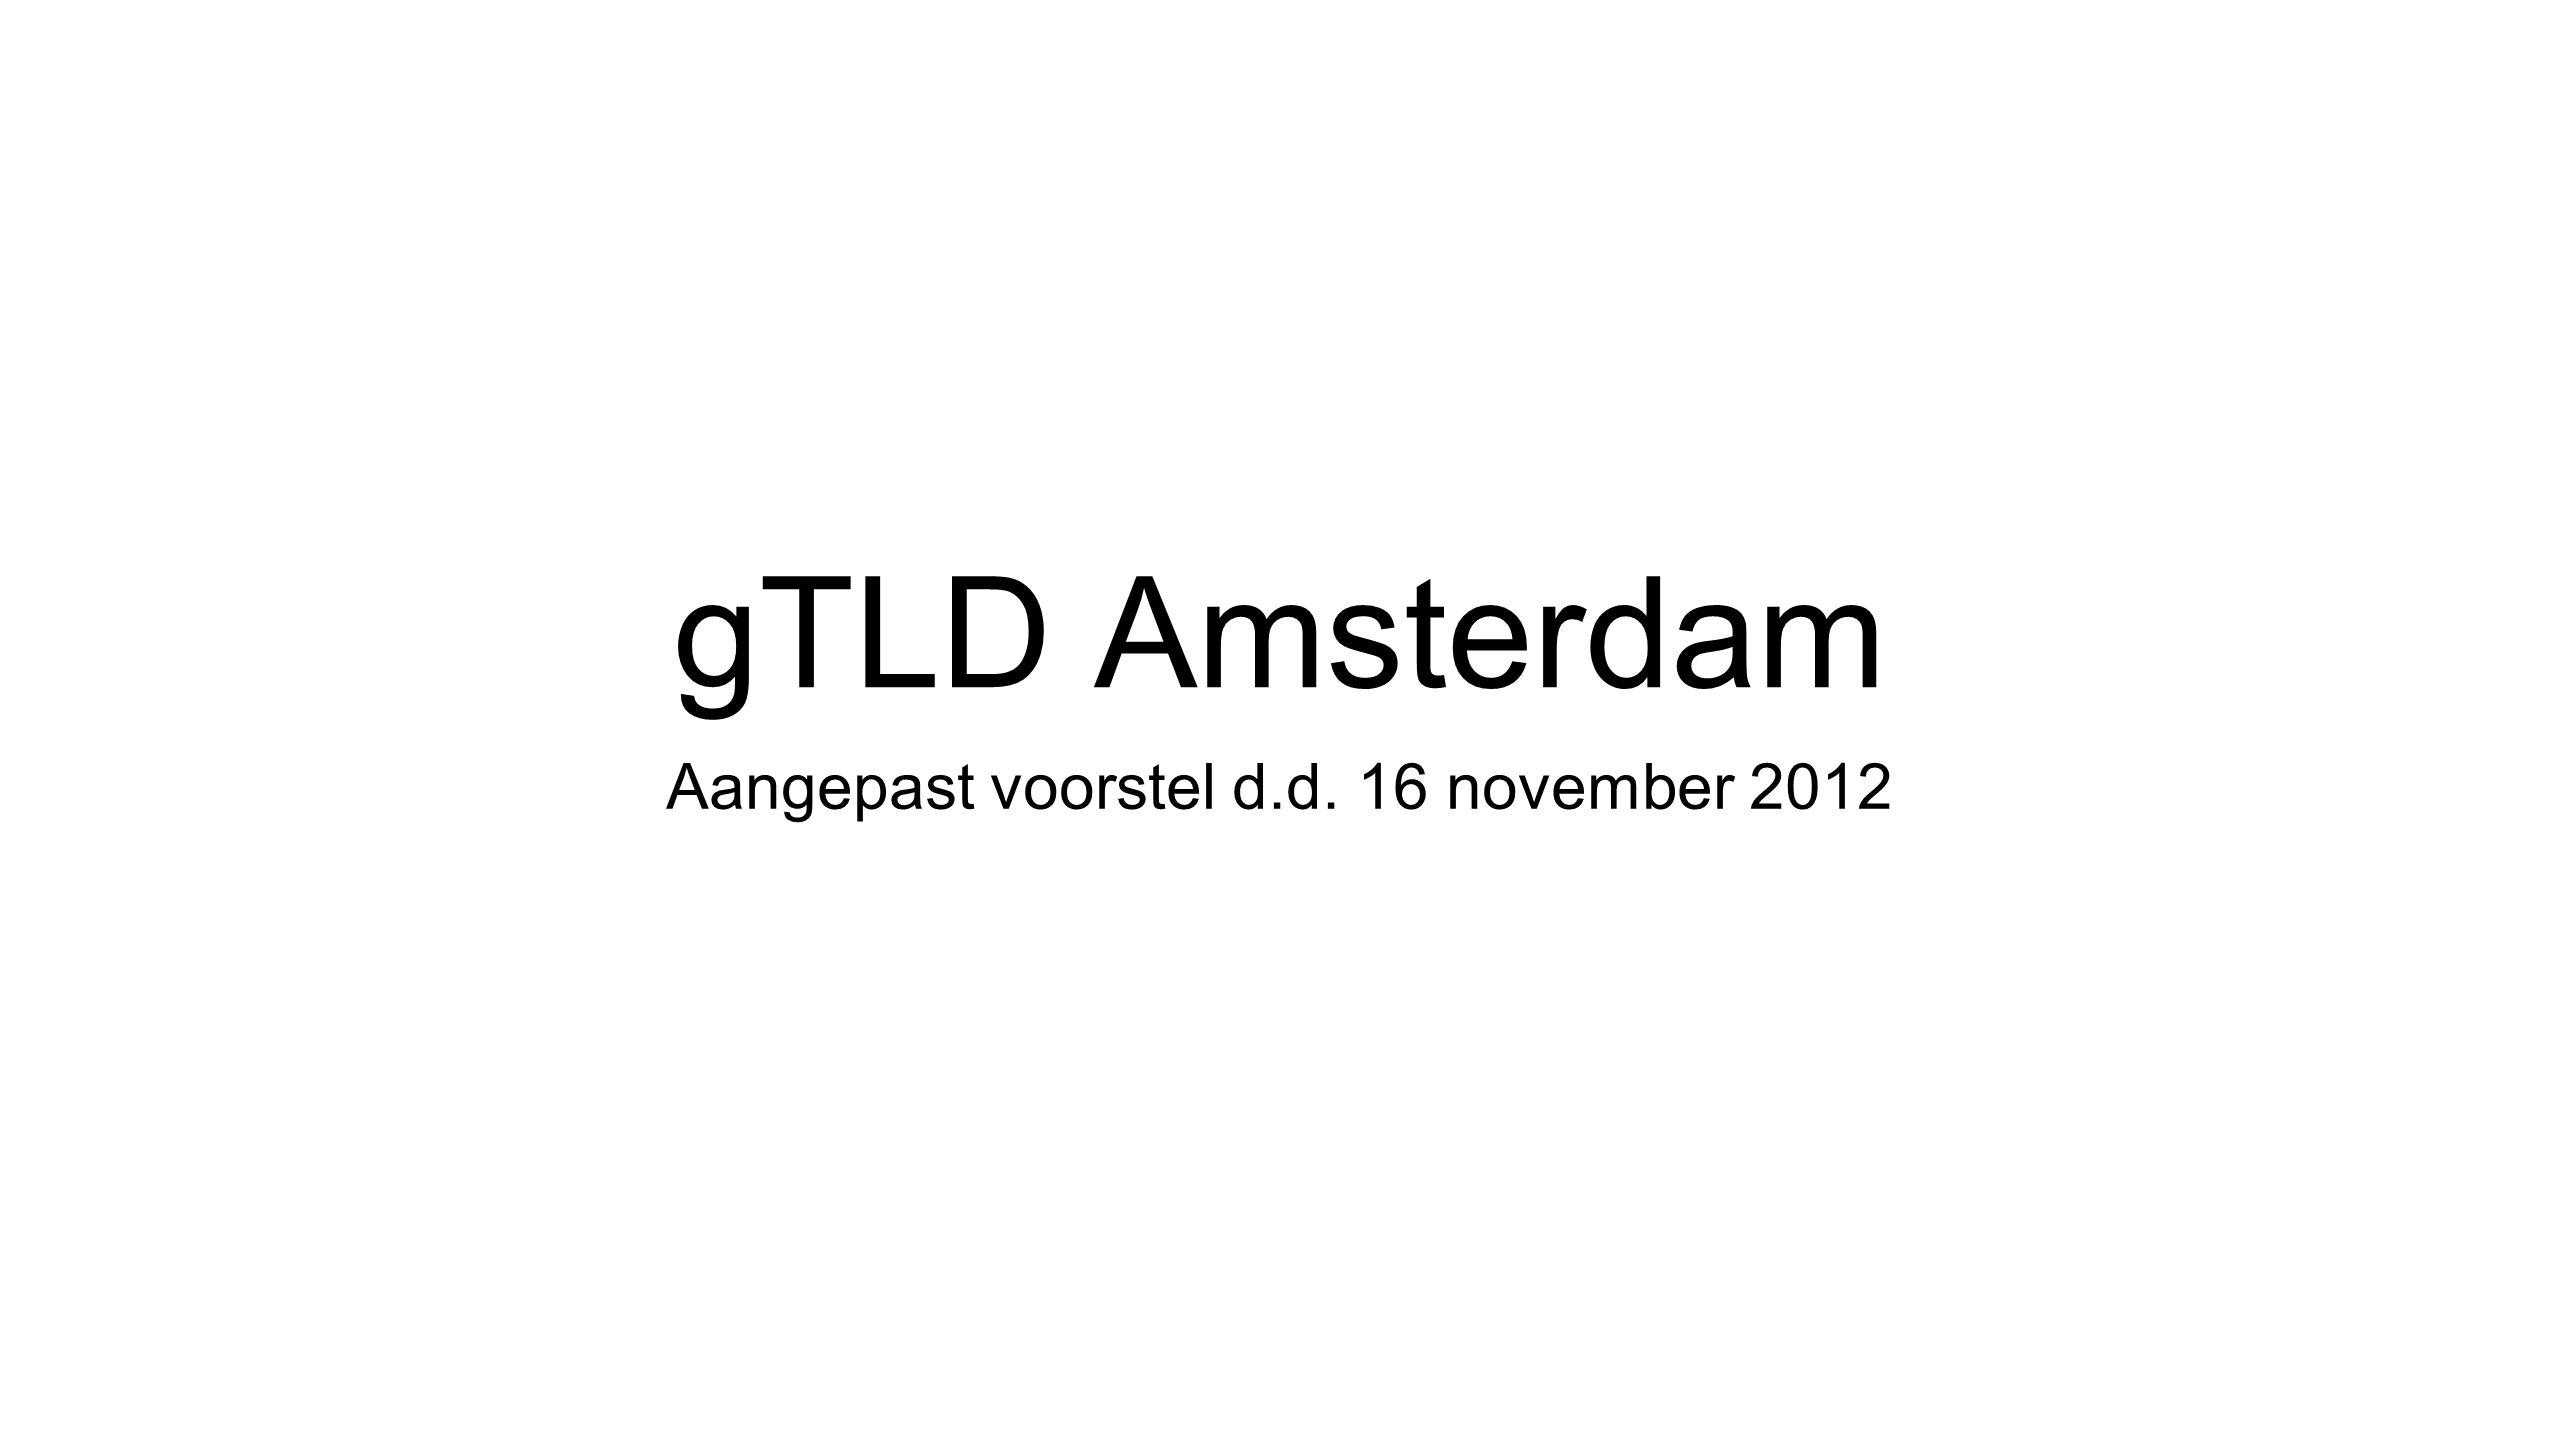 gTLD Amsterdam Aangepast voorstel d.d. 16 november 2012